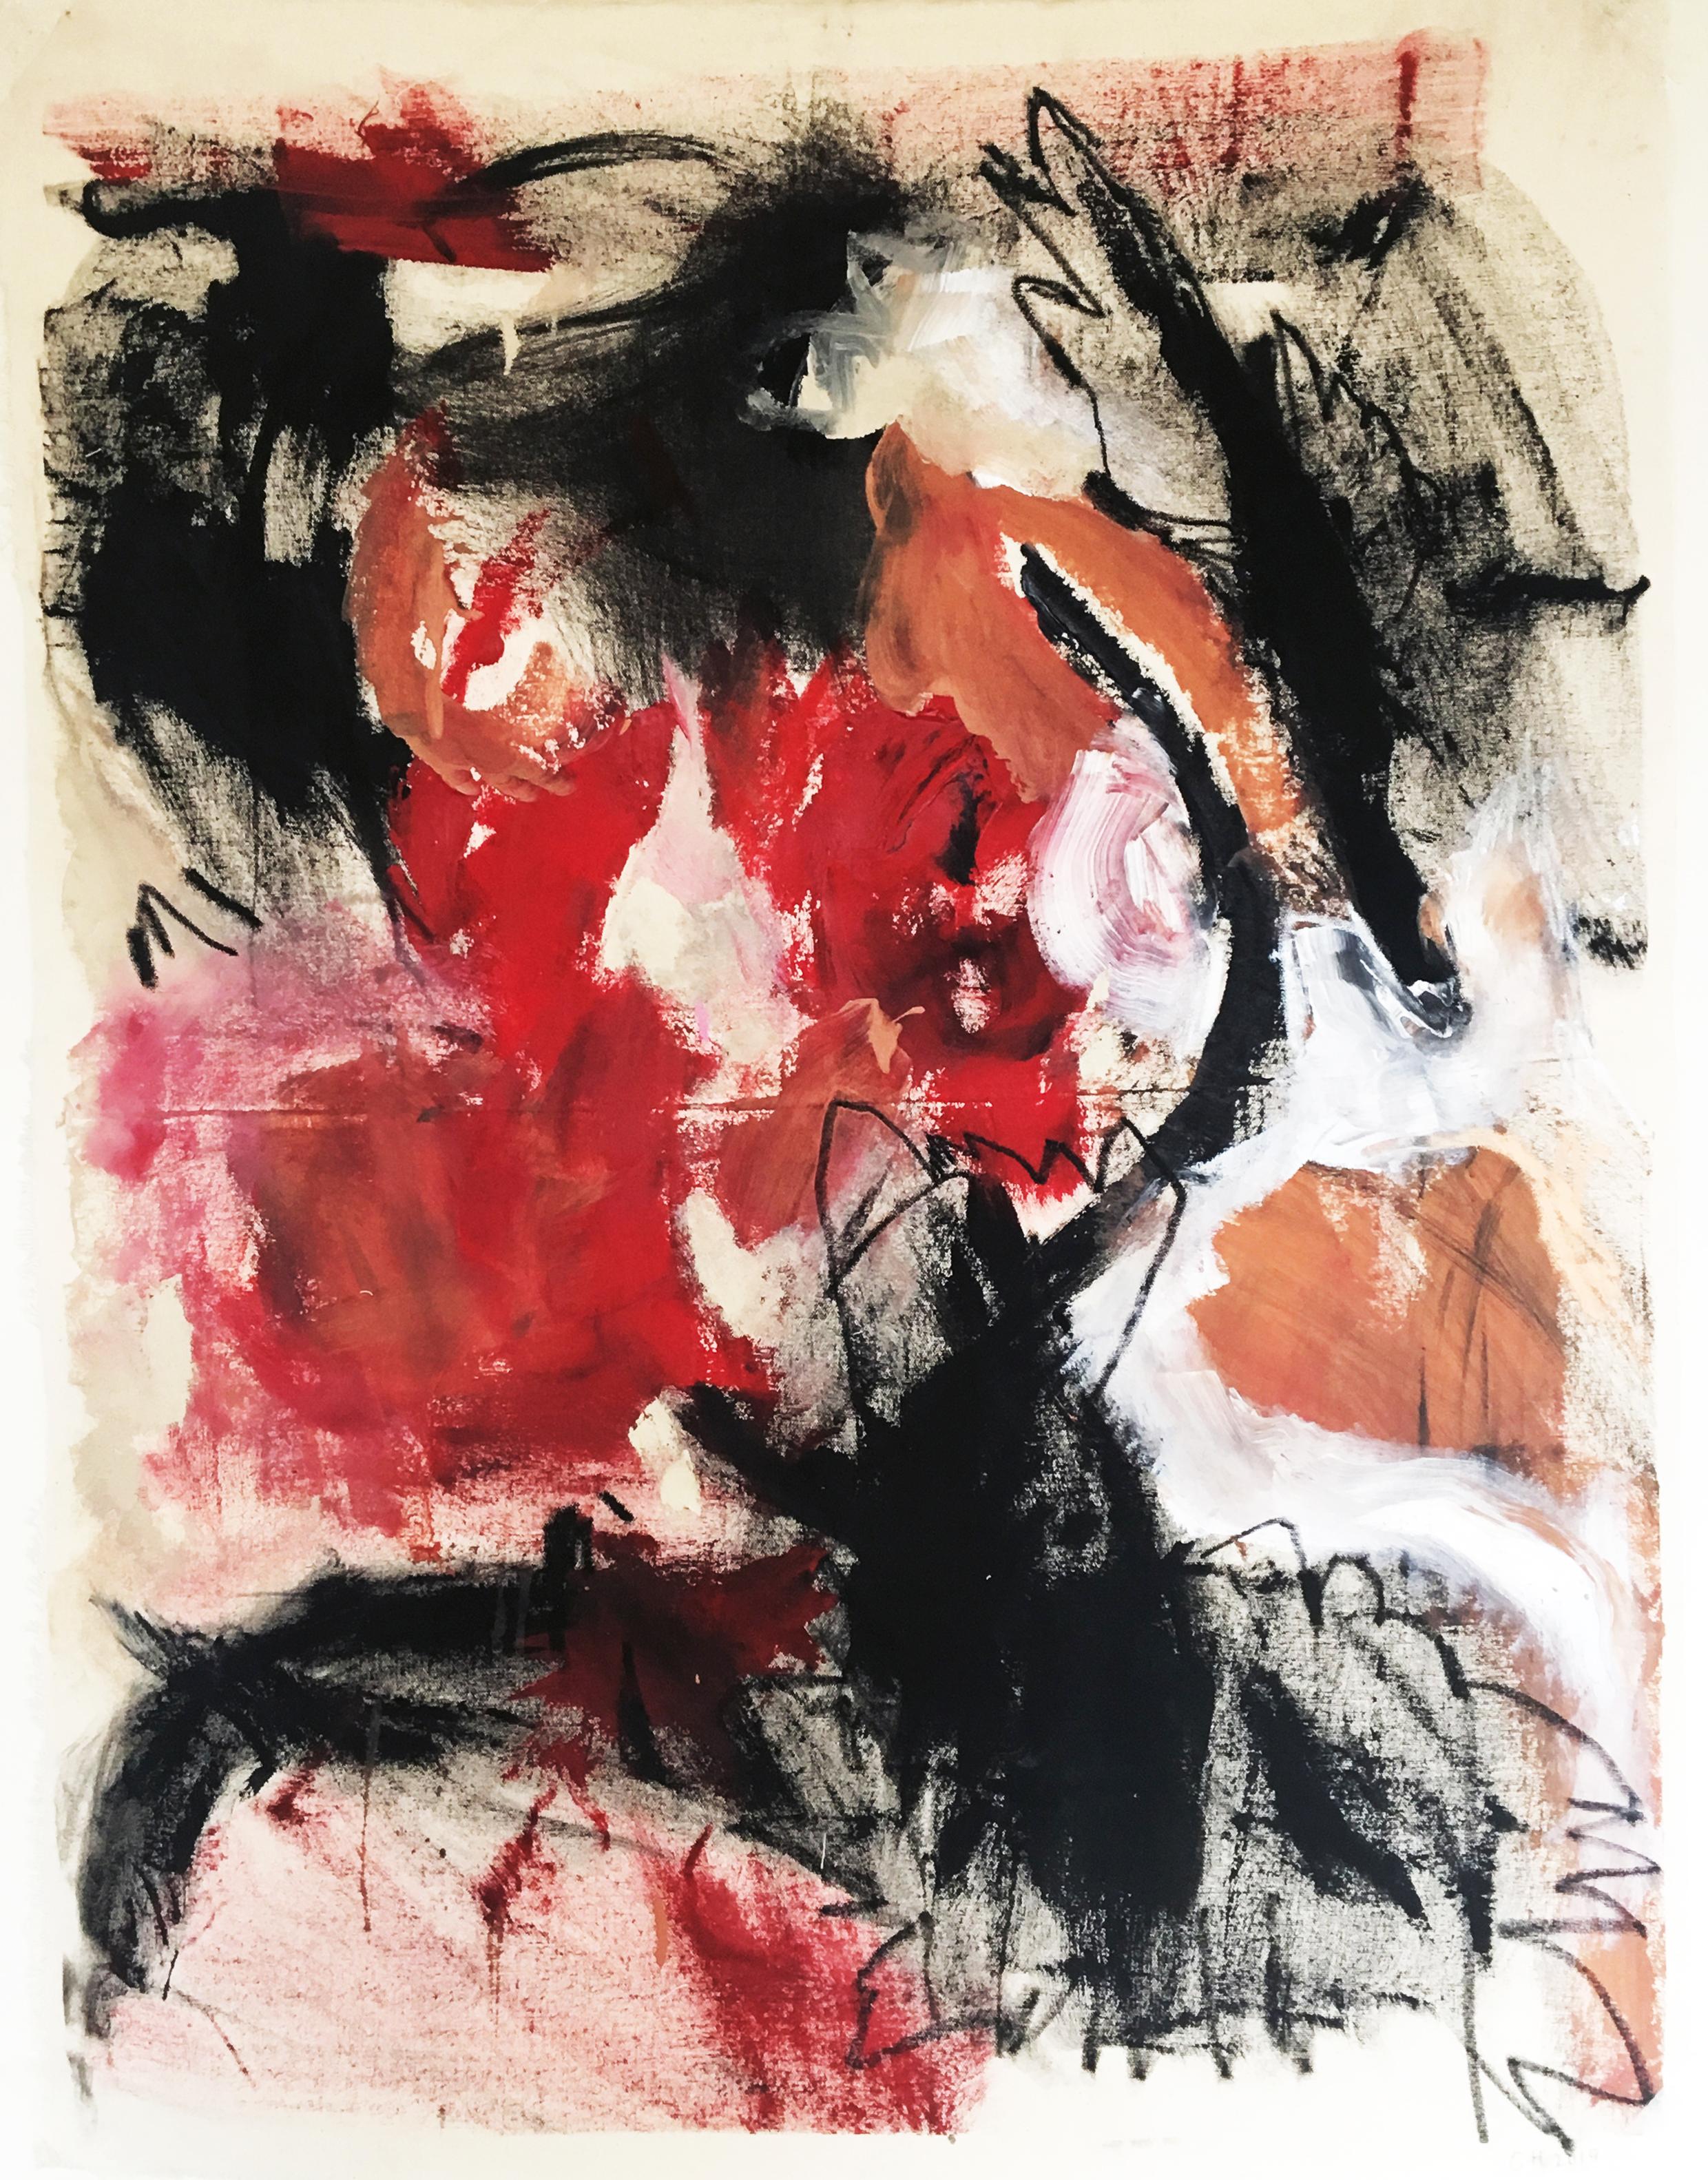 100 x 80 cm oil pastel, acrylic, calico